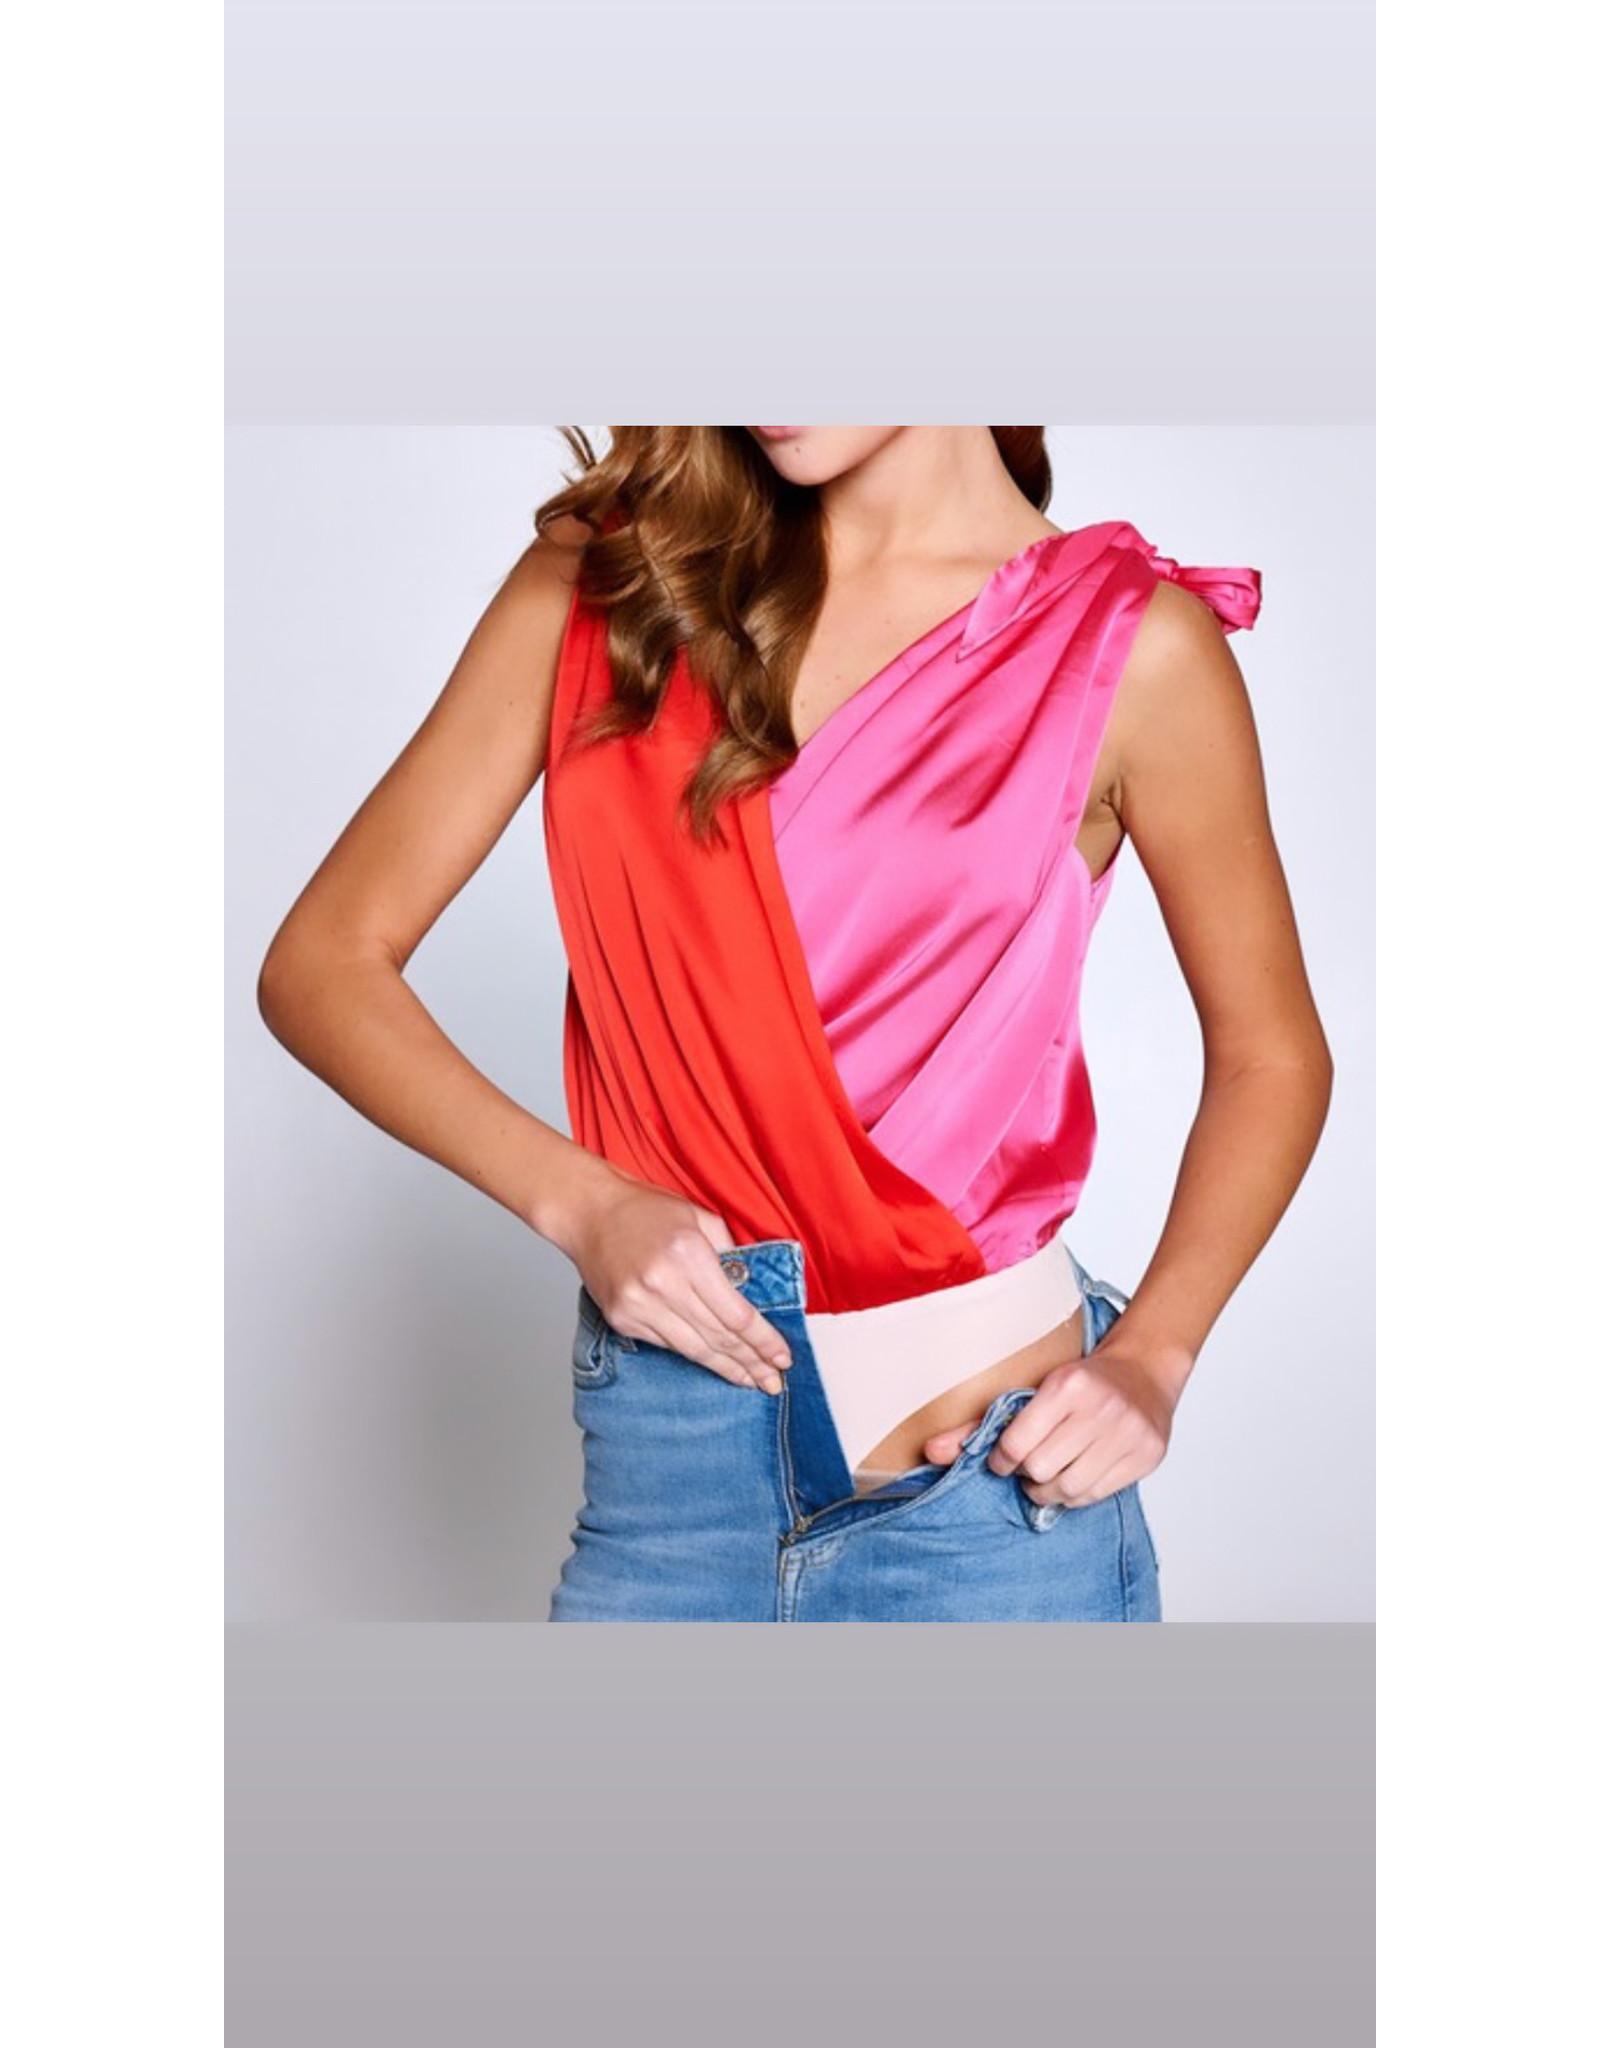 Color Block Tie Bodysuit - Red/Fuchsia